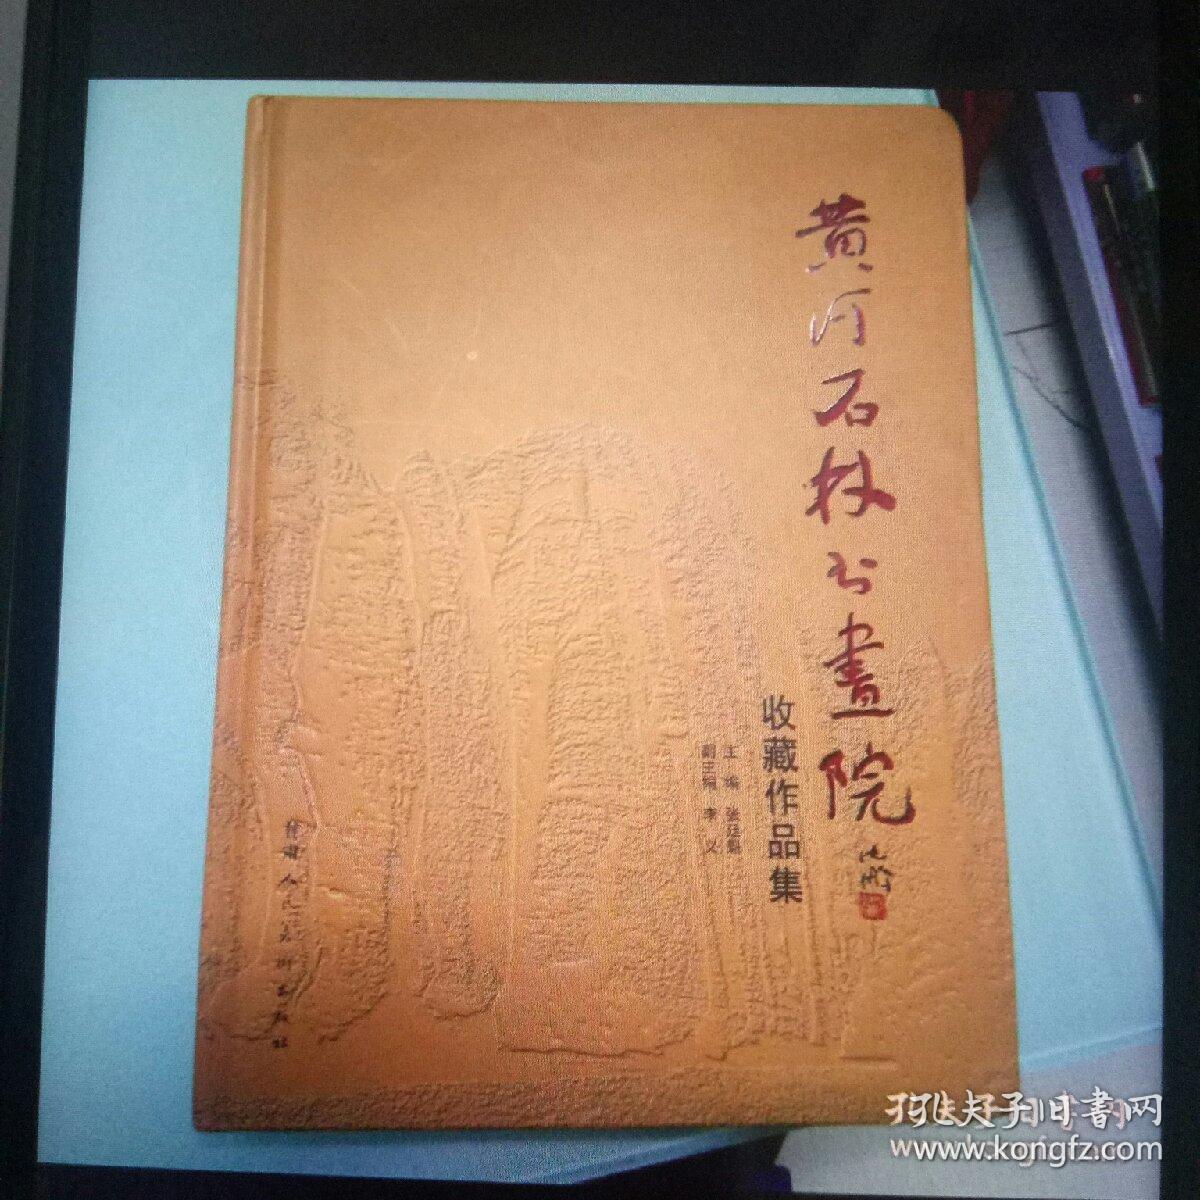 黄河石林书画院收藏作品集